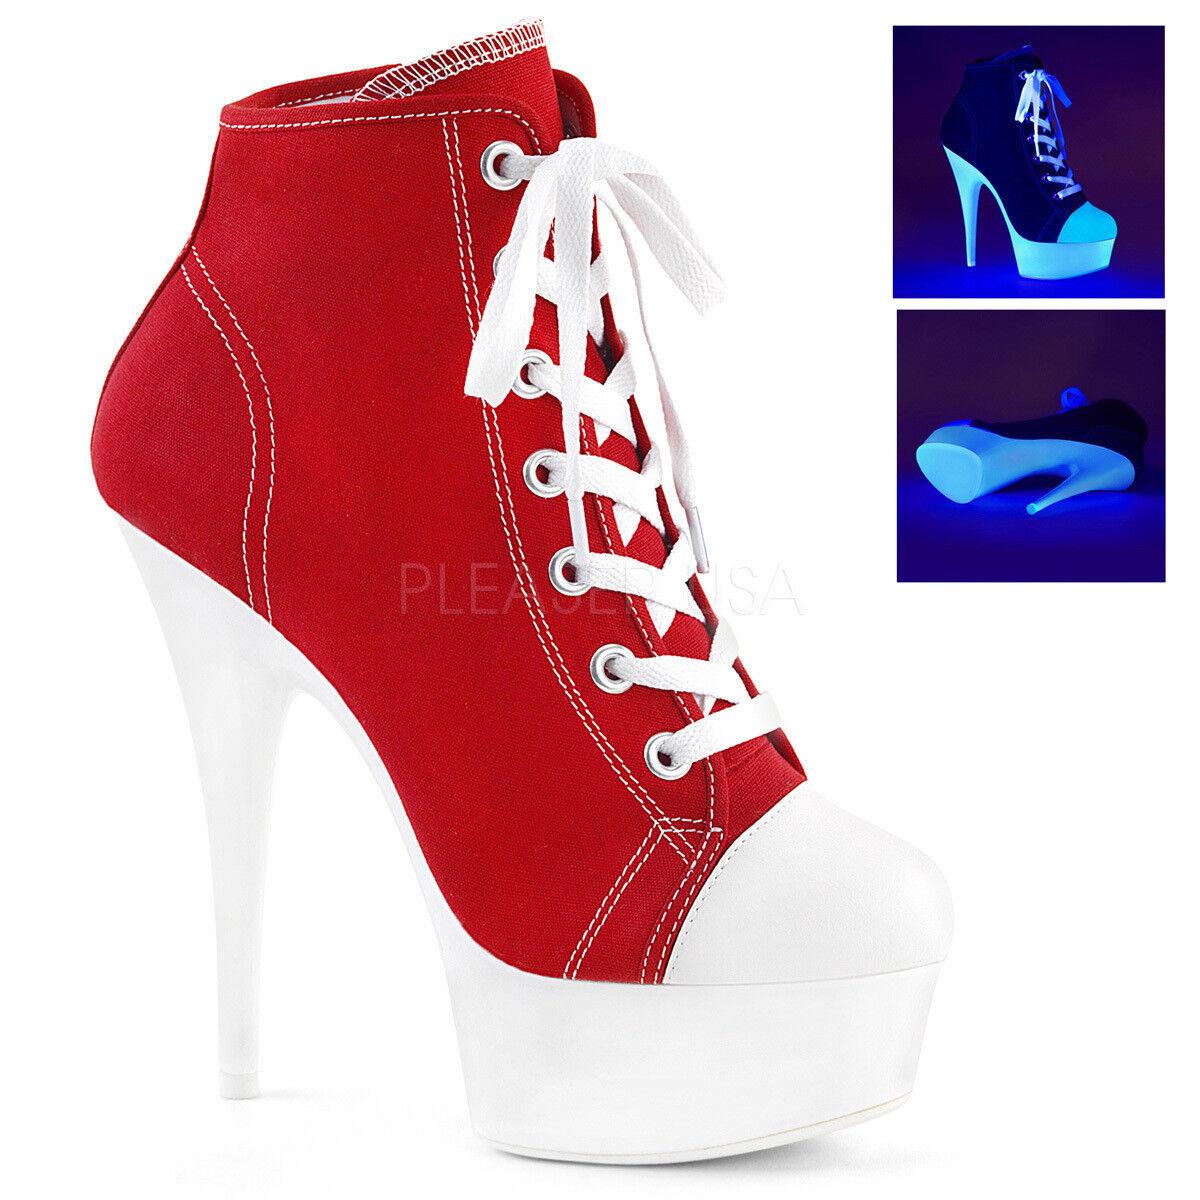 nuova esclusiva di fascia alta DELIGHT - 600sk-02 600sk-02 600sk-02 UV Da Donna Tacco Alto Stivaletti scarpe da ginnastica ROSSO NEON BIANCO 35-43  acquistare ora